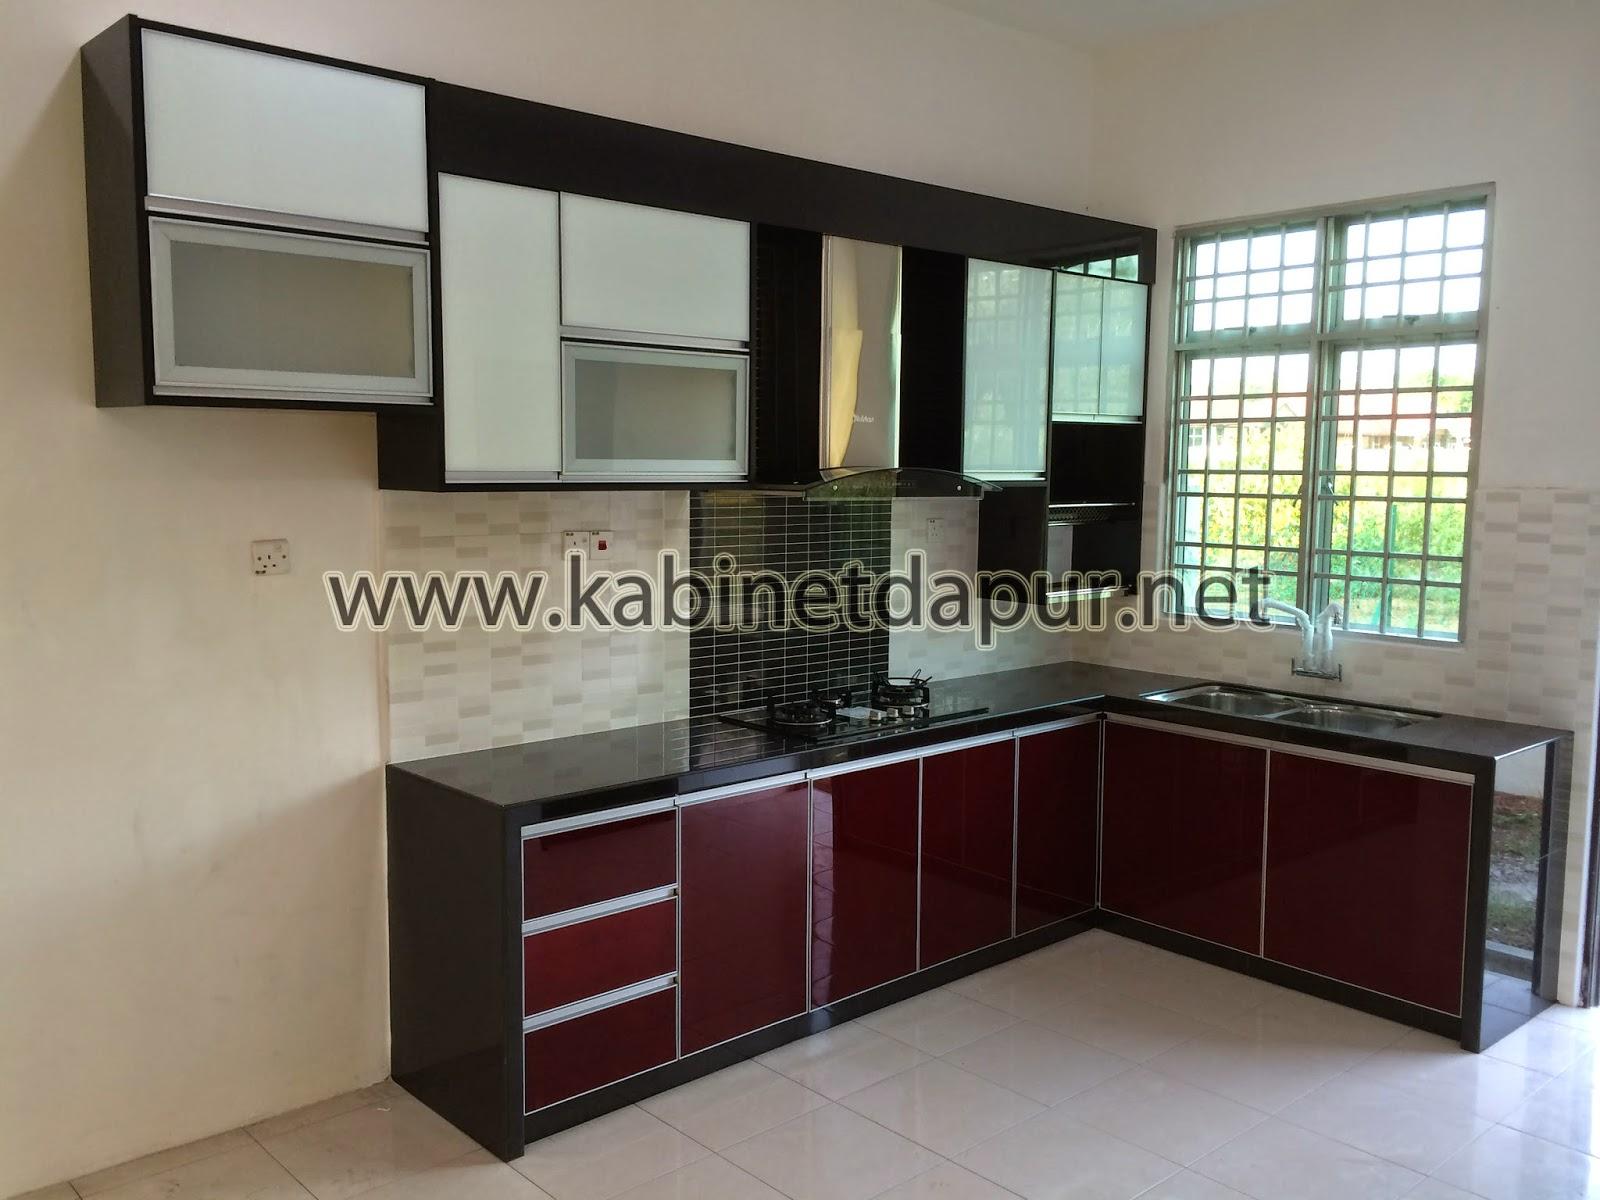 Projek Kabinet Dapur Di 362 Tmn Desa Tanjung